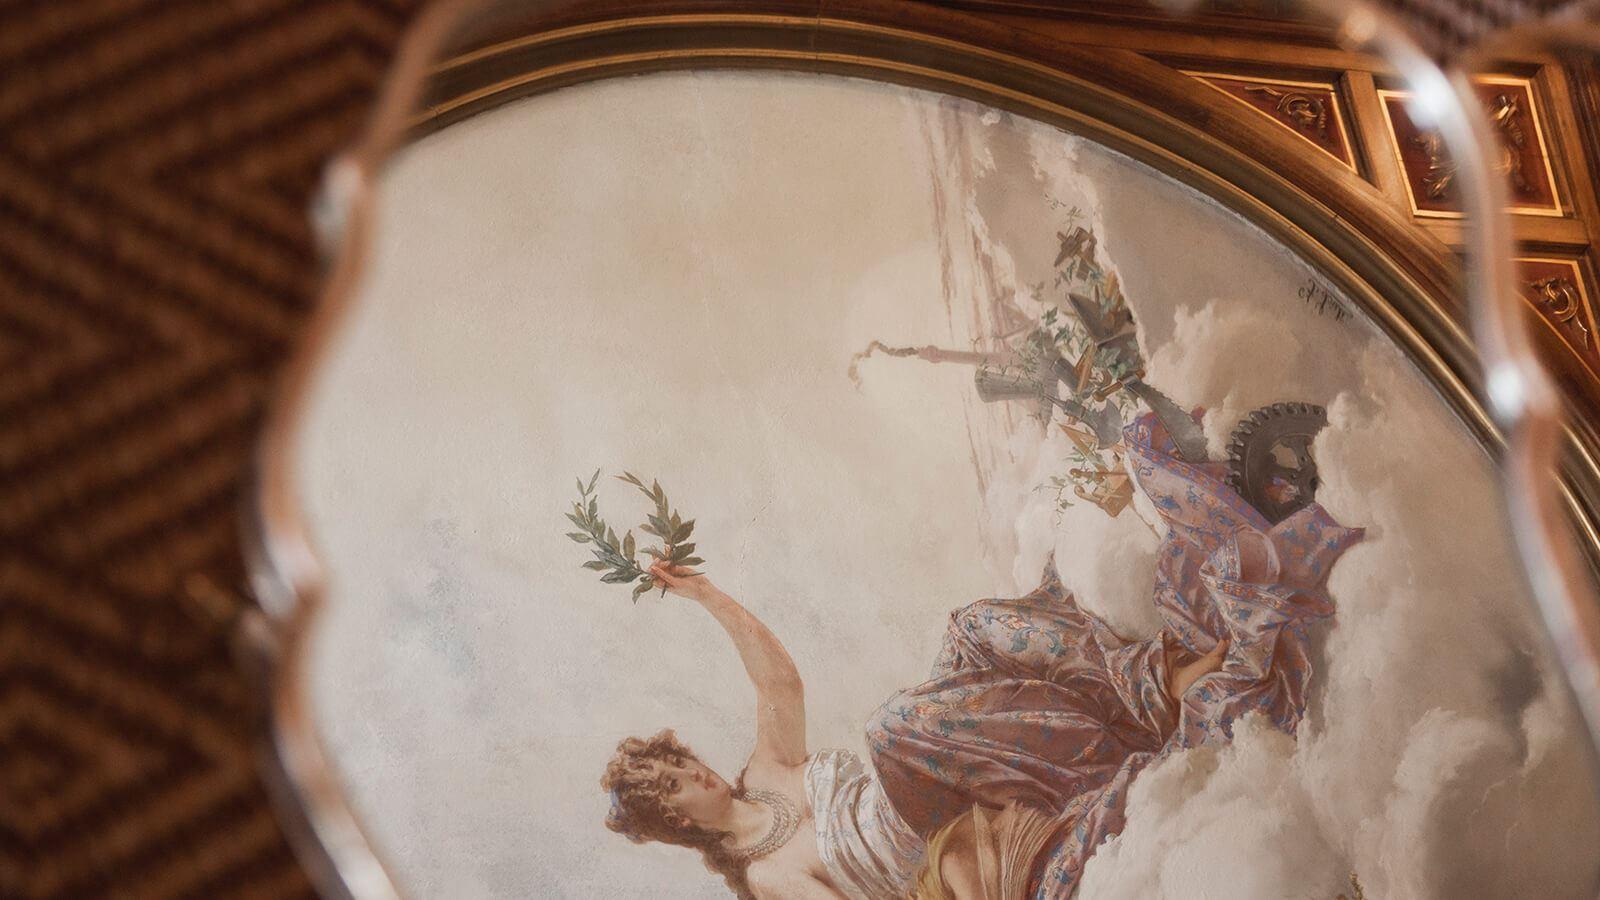 Grand Hotel a Villa Feltrinelli - The delicate frescoes